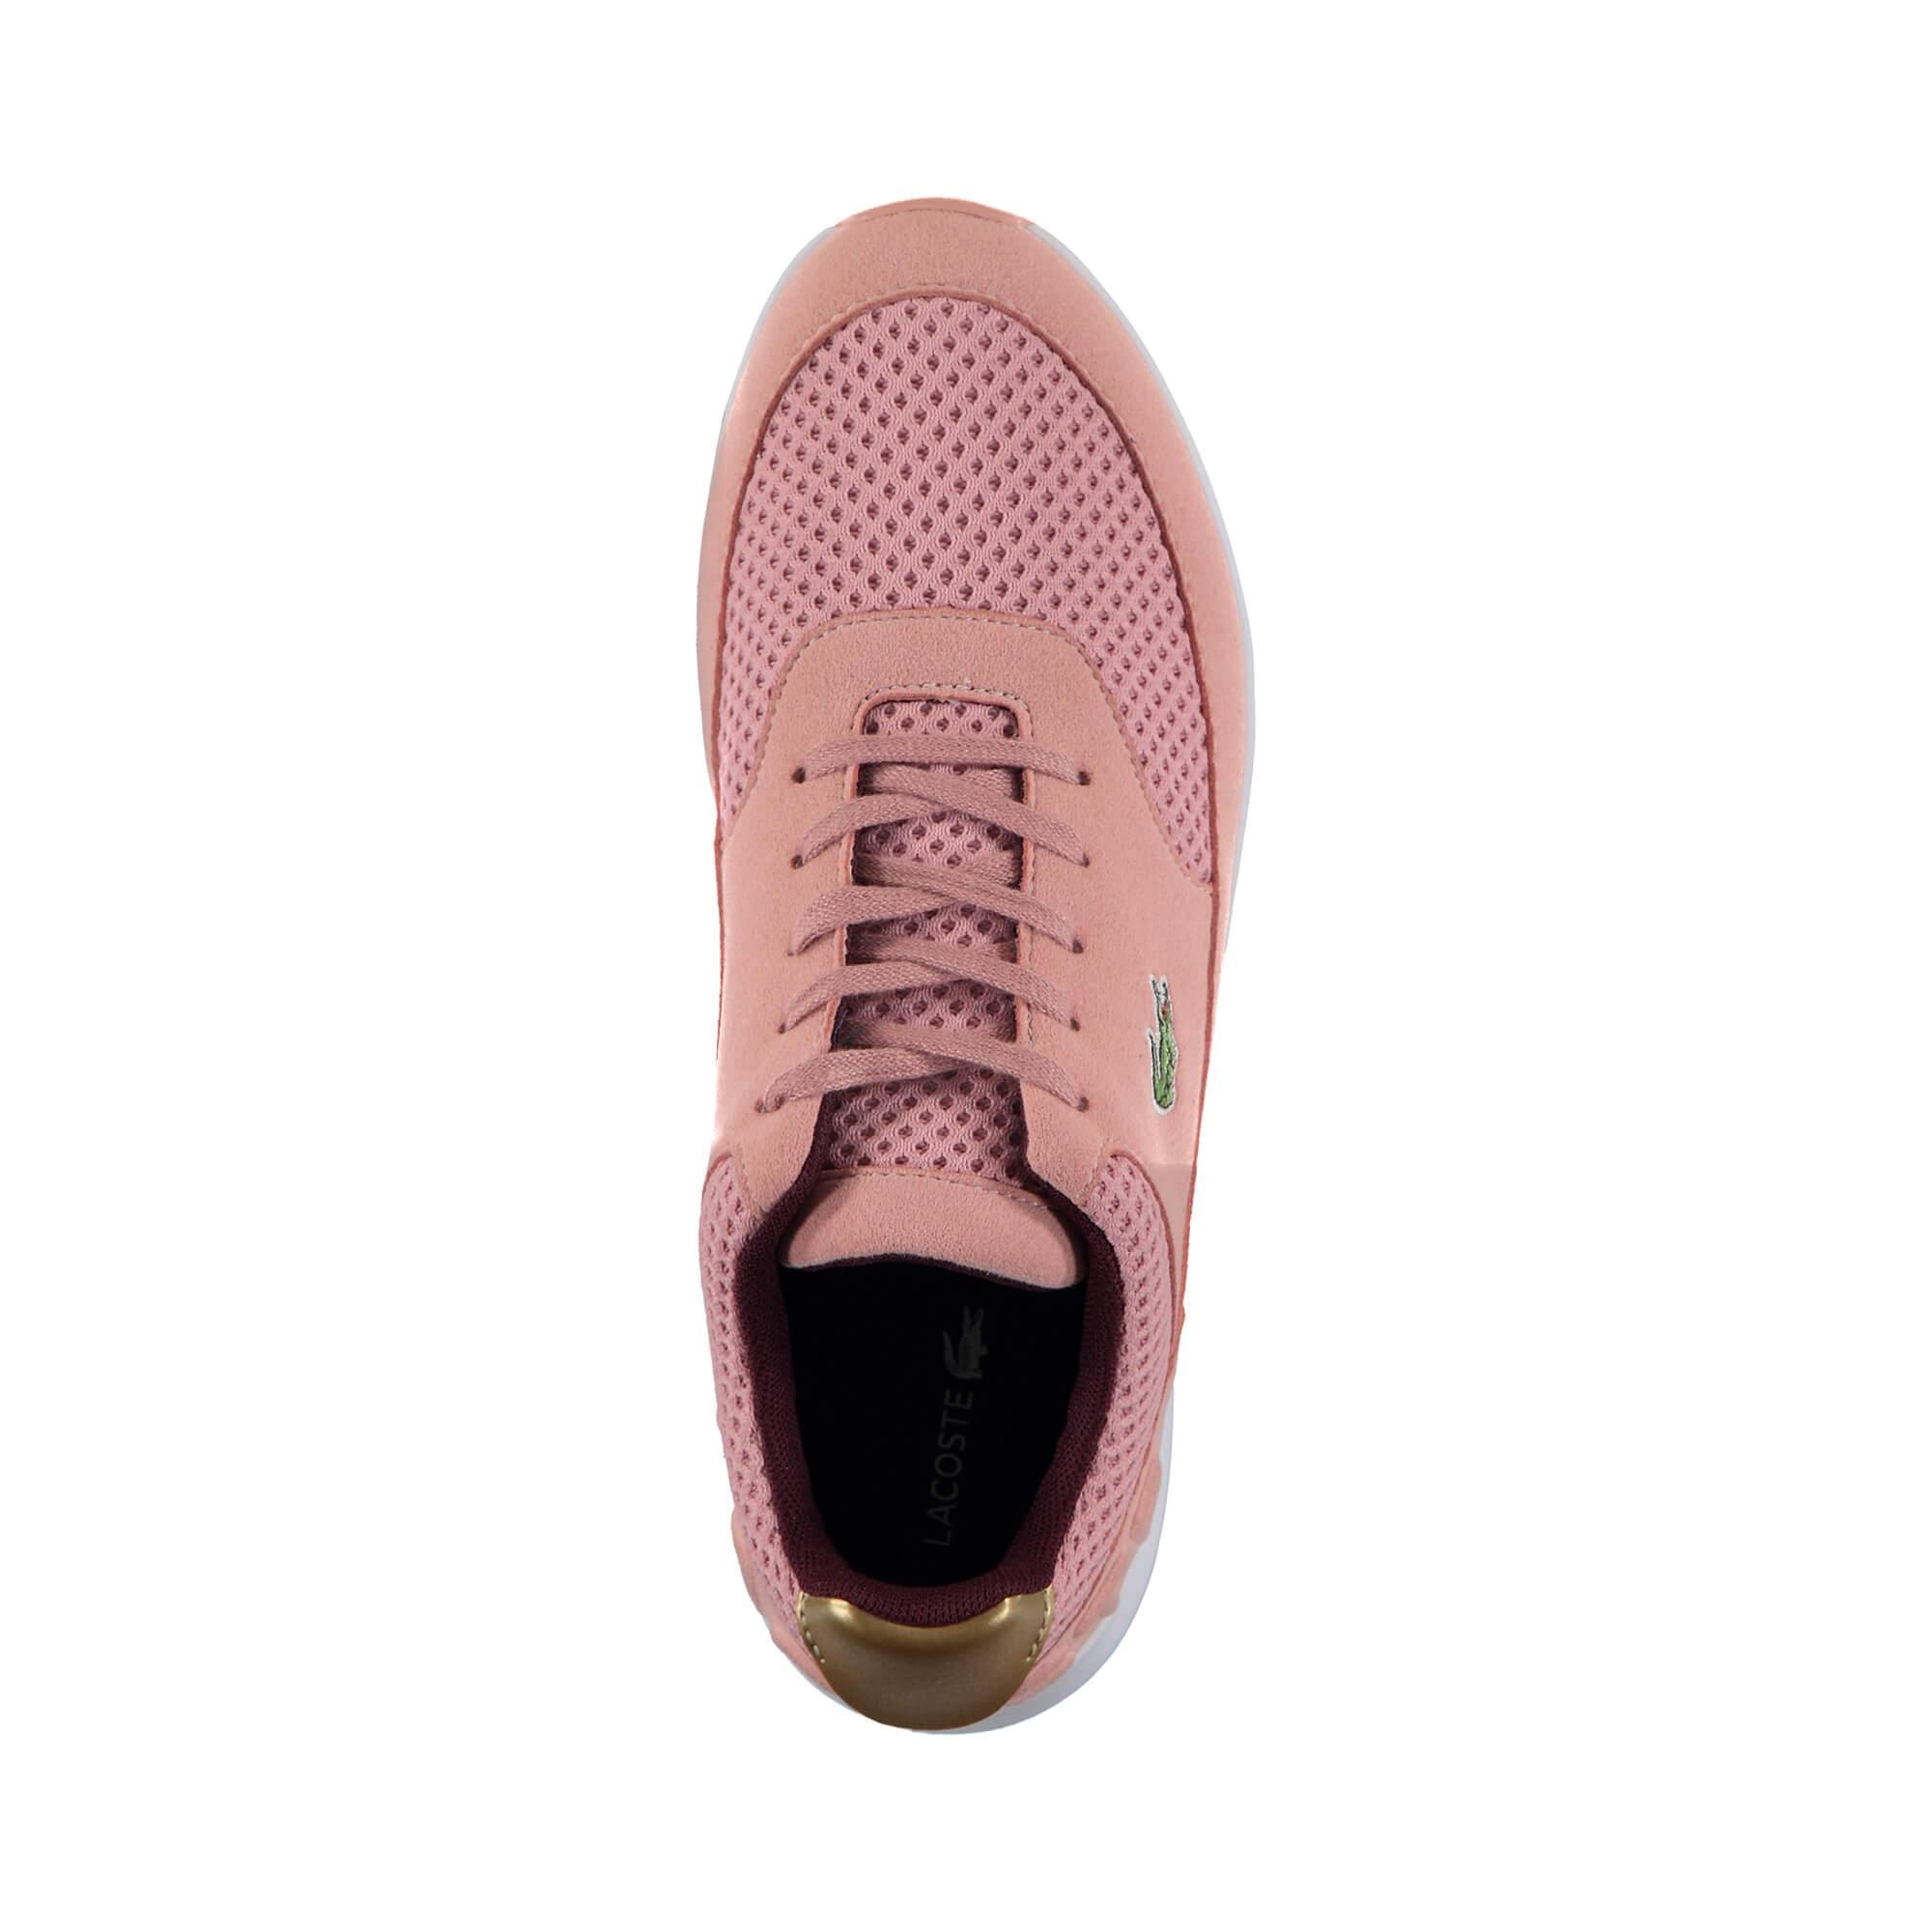 Lacoste Kadın Chaumont 318 2 Pembe Sneaker